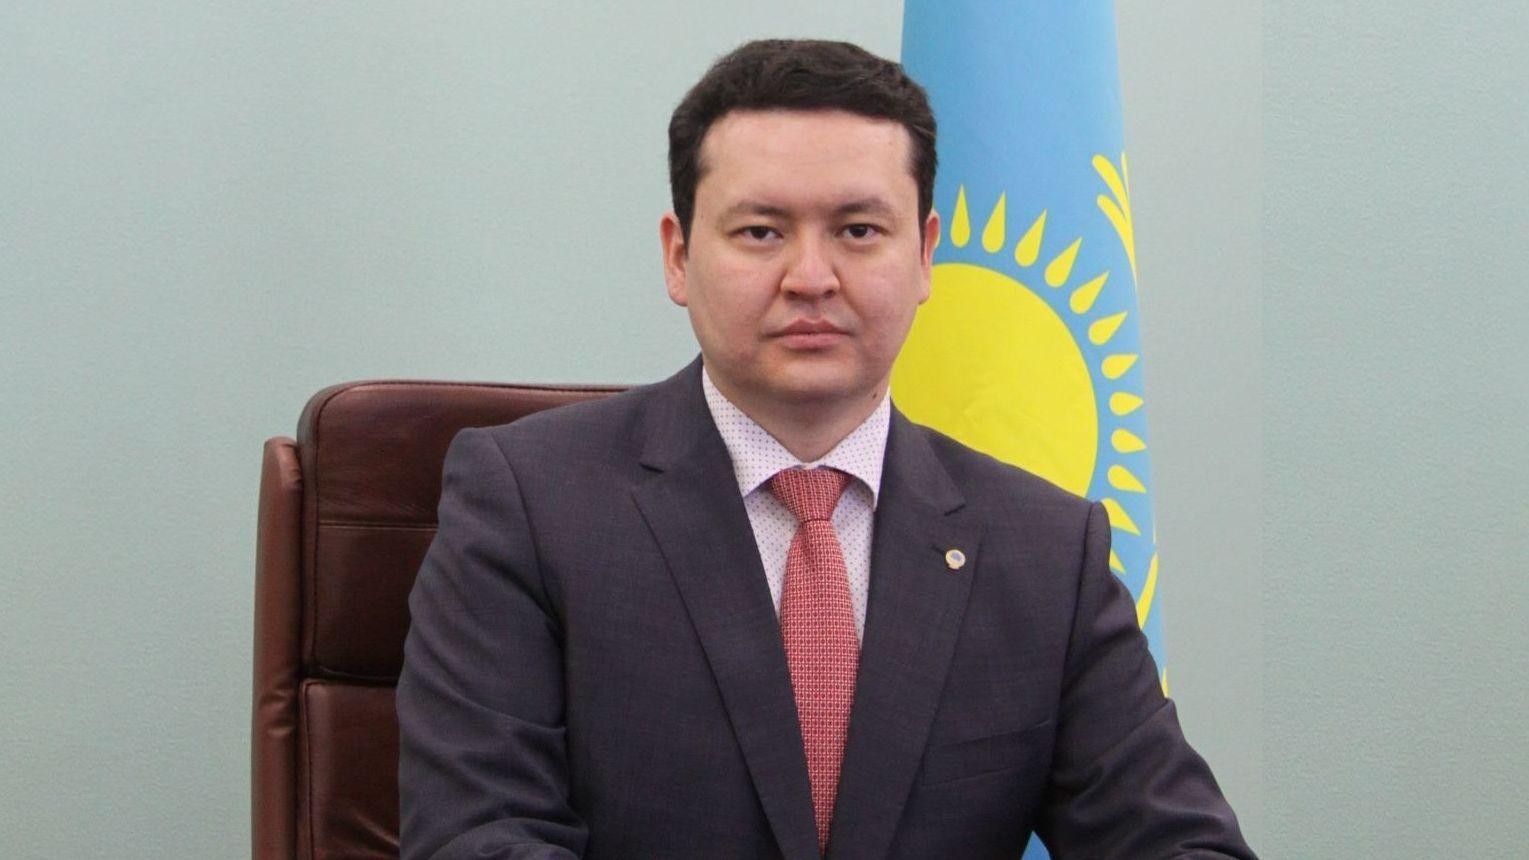 Досье: Абишев Олжас Амангельдиевич,  Олжас Абишев, Вице-министр здравоохранения РК